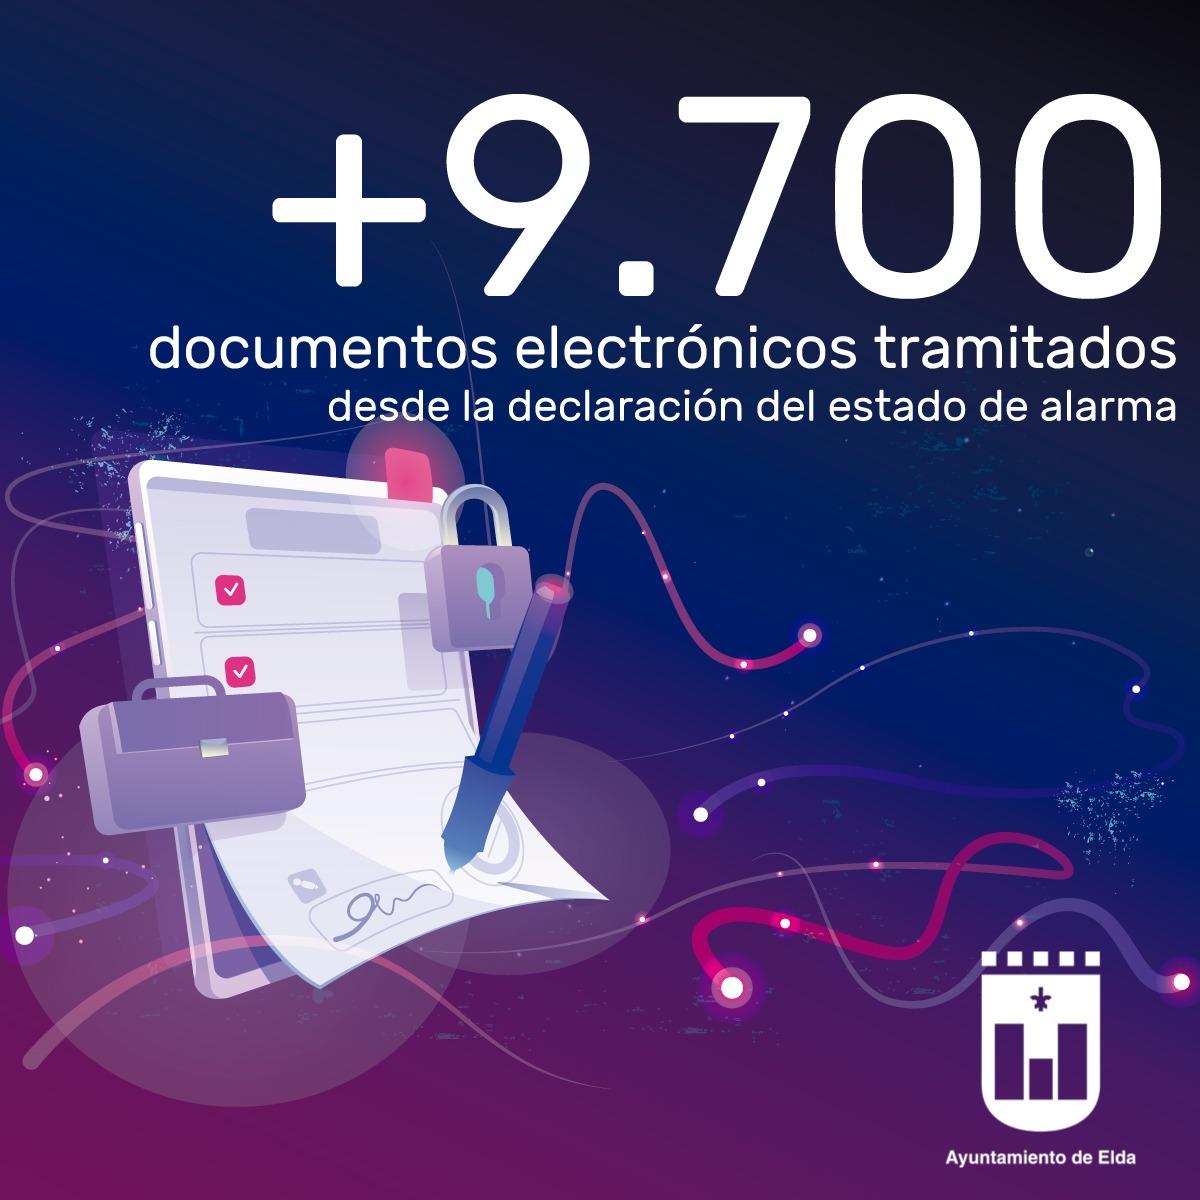 El Ayuntamiento ha tramitado más de 9.700 documentos electrónicos desde la declaración del estado de alarma